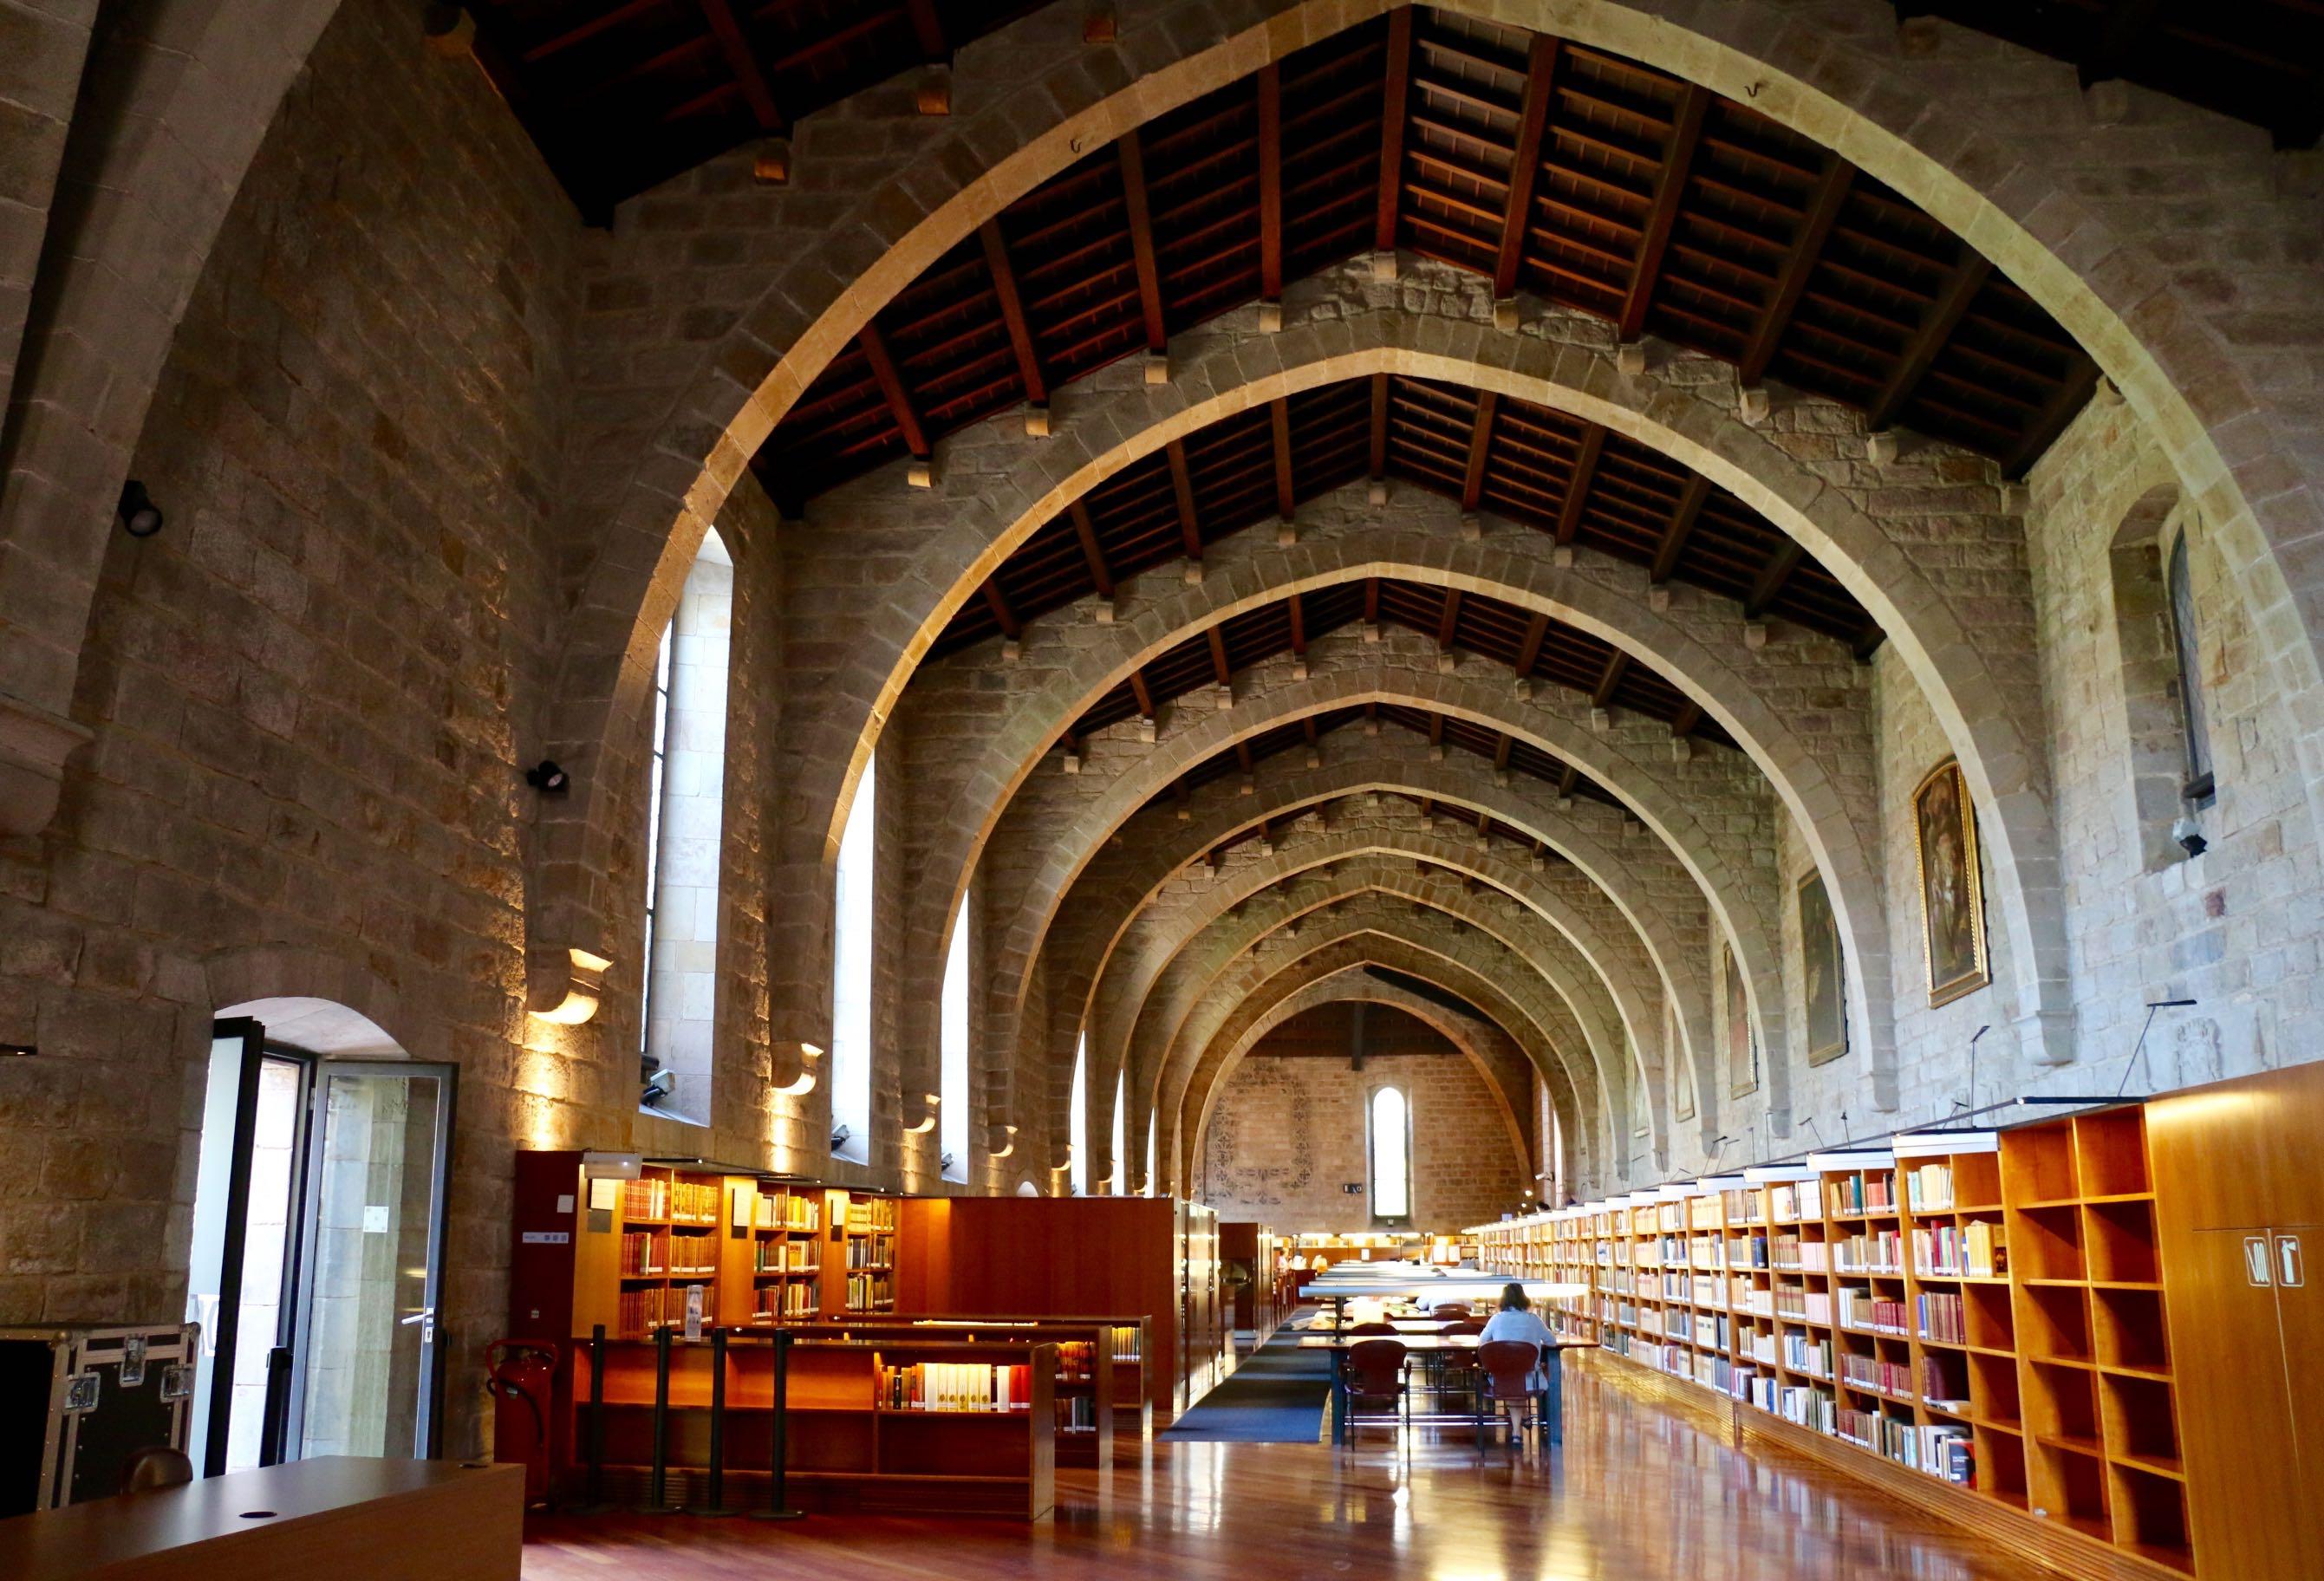 Sala de lectura de la Biblioteca de Catalunya. Havia estat una de les sales de malalts de l'Hospital de la Santa Creu